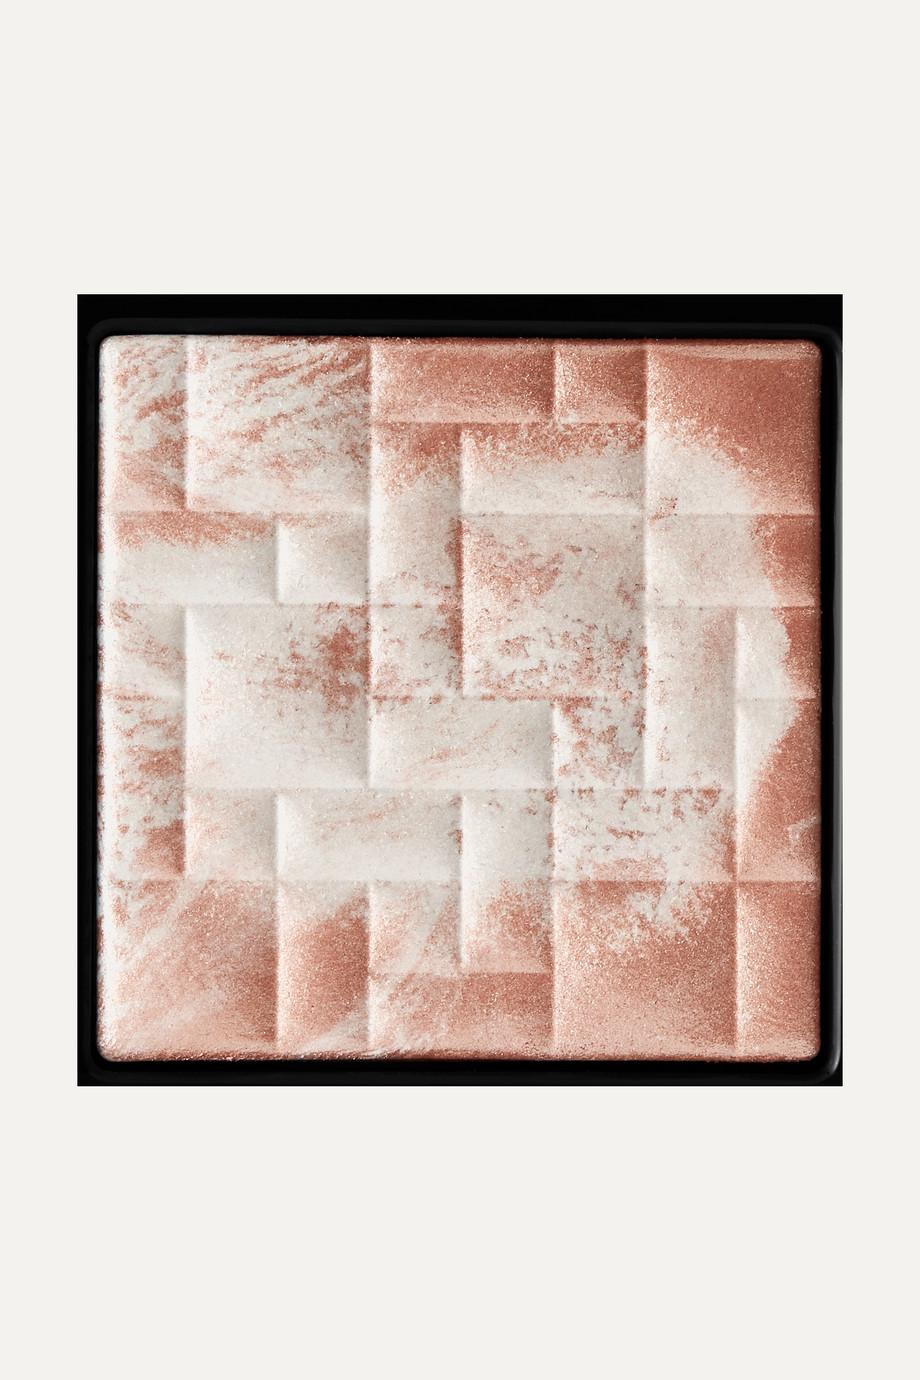 Bobbi Brown Highlighting Powder – Pink Glow – Highlighter